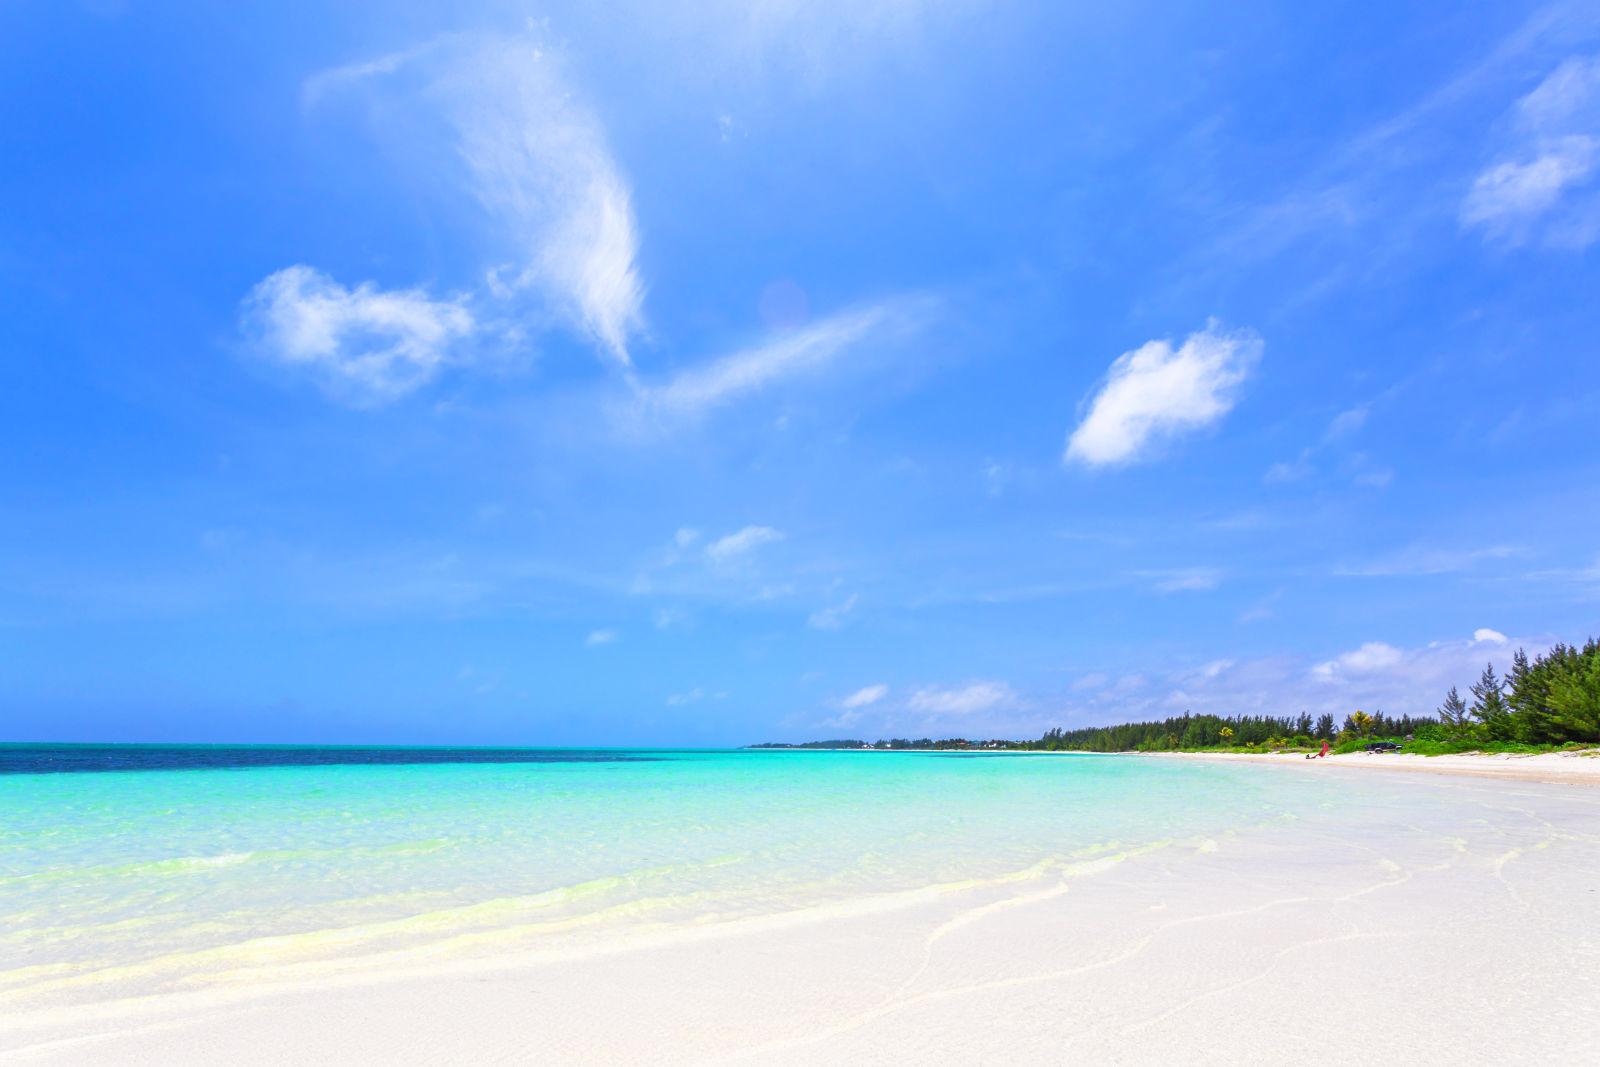 Bahamas, Beach, Coast